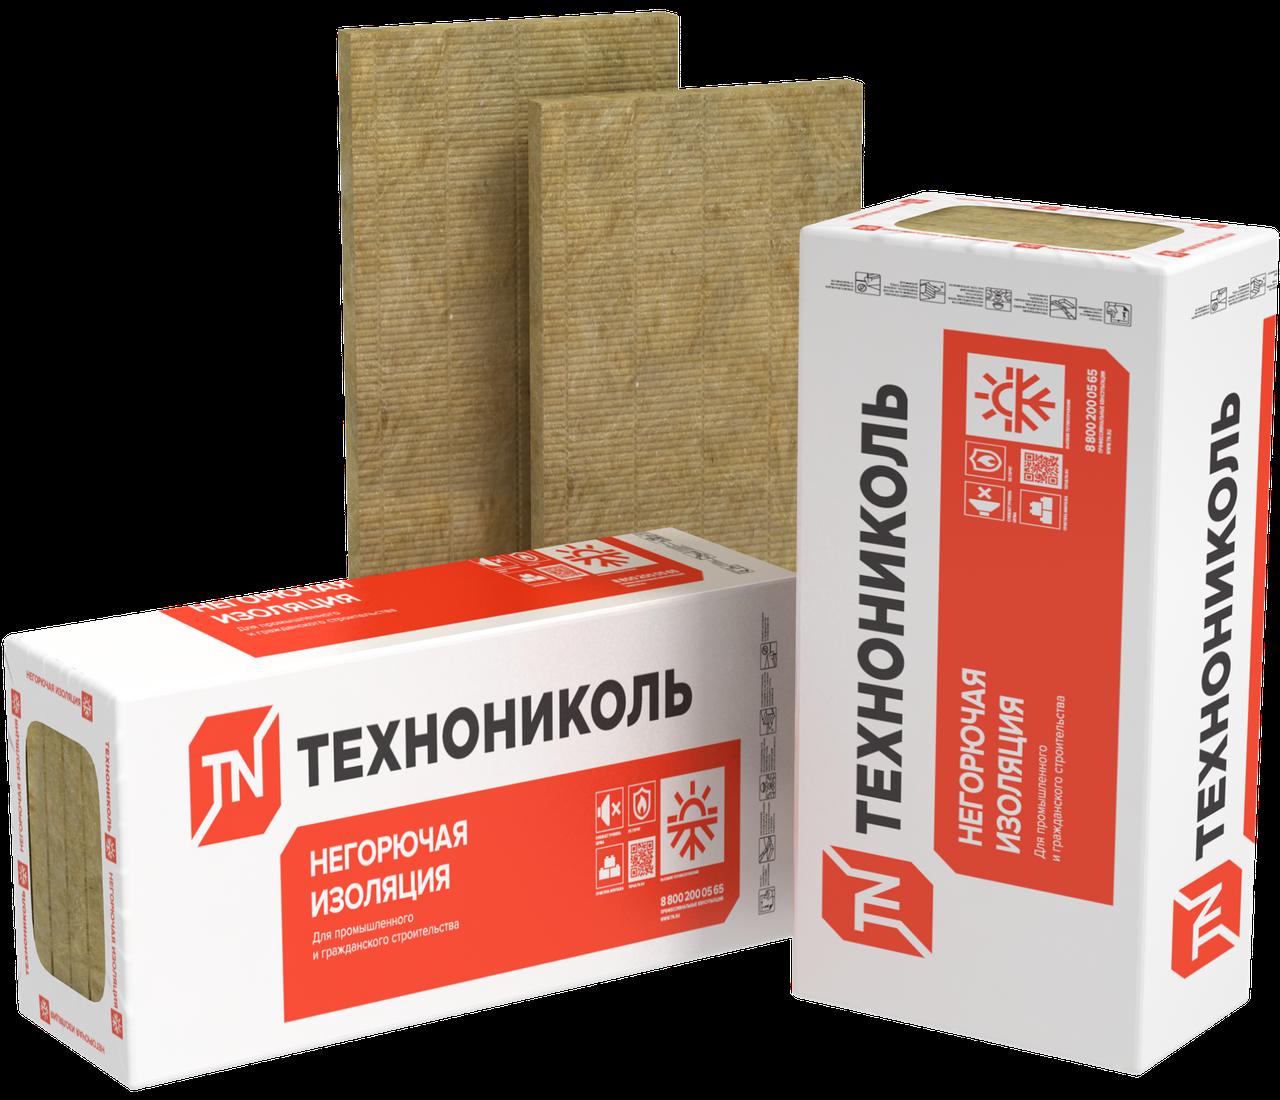 Техноруф Н Экстра 100 мм 100 кг/м.куб базальтовый утеплитель Технониколь